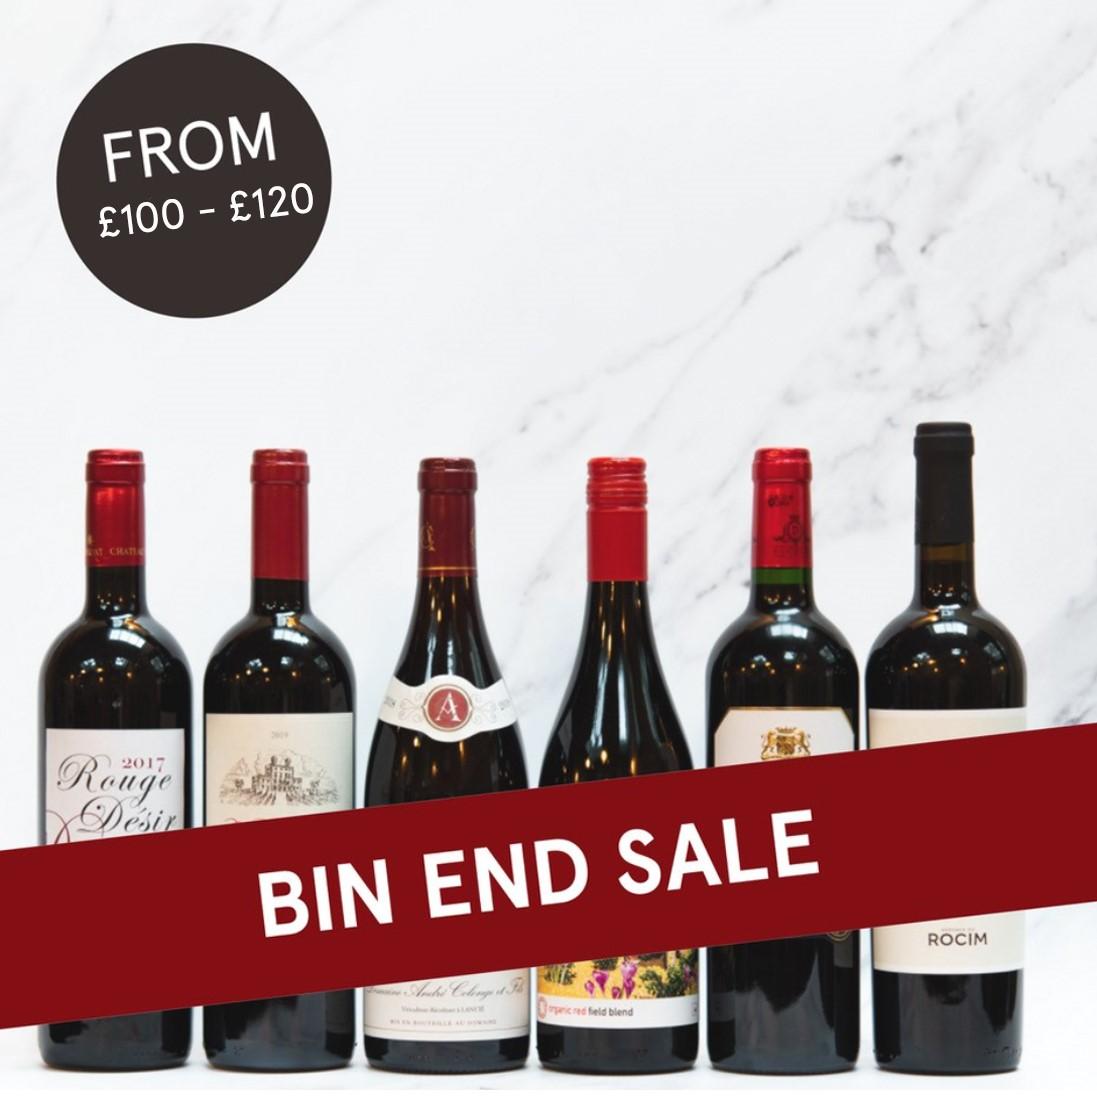 Bin End Mixed Reds Case £100 - £120